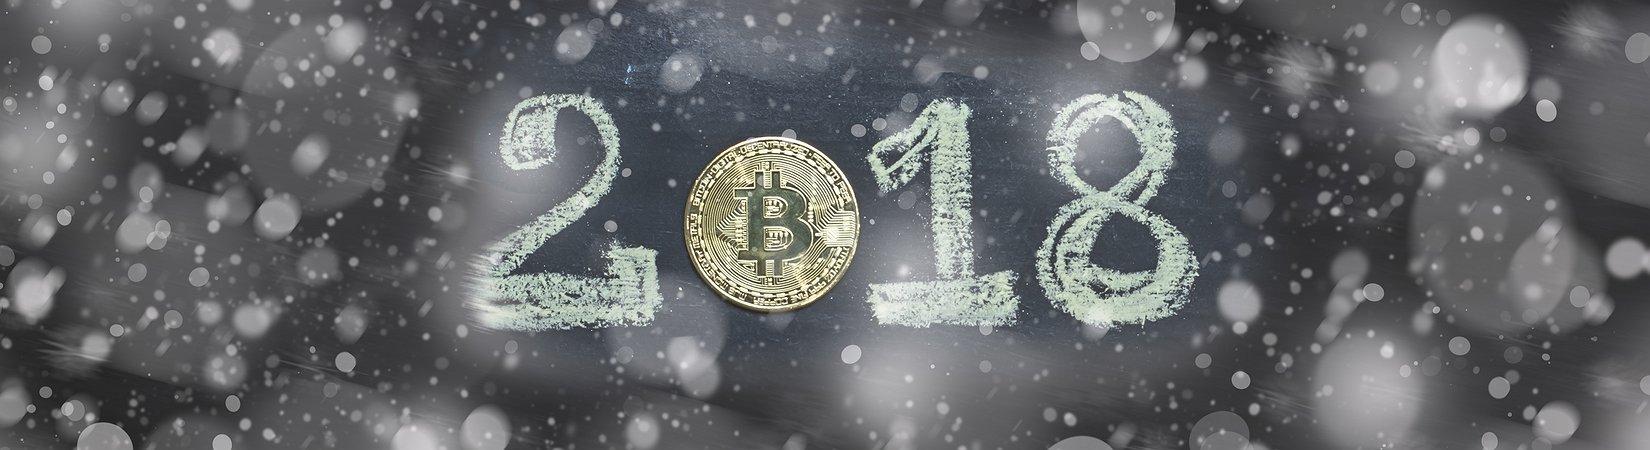 3 криптовалюты, за которыми нужно следить в 2018 году